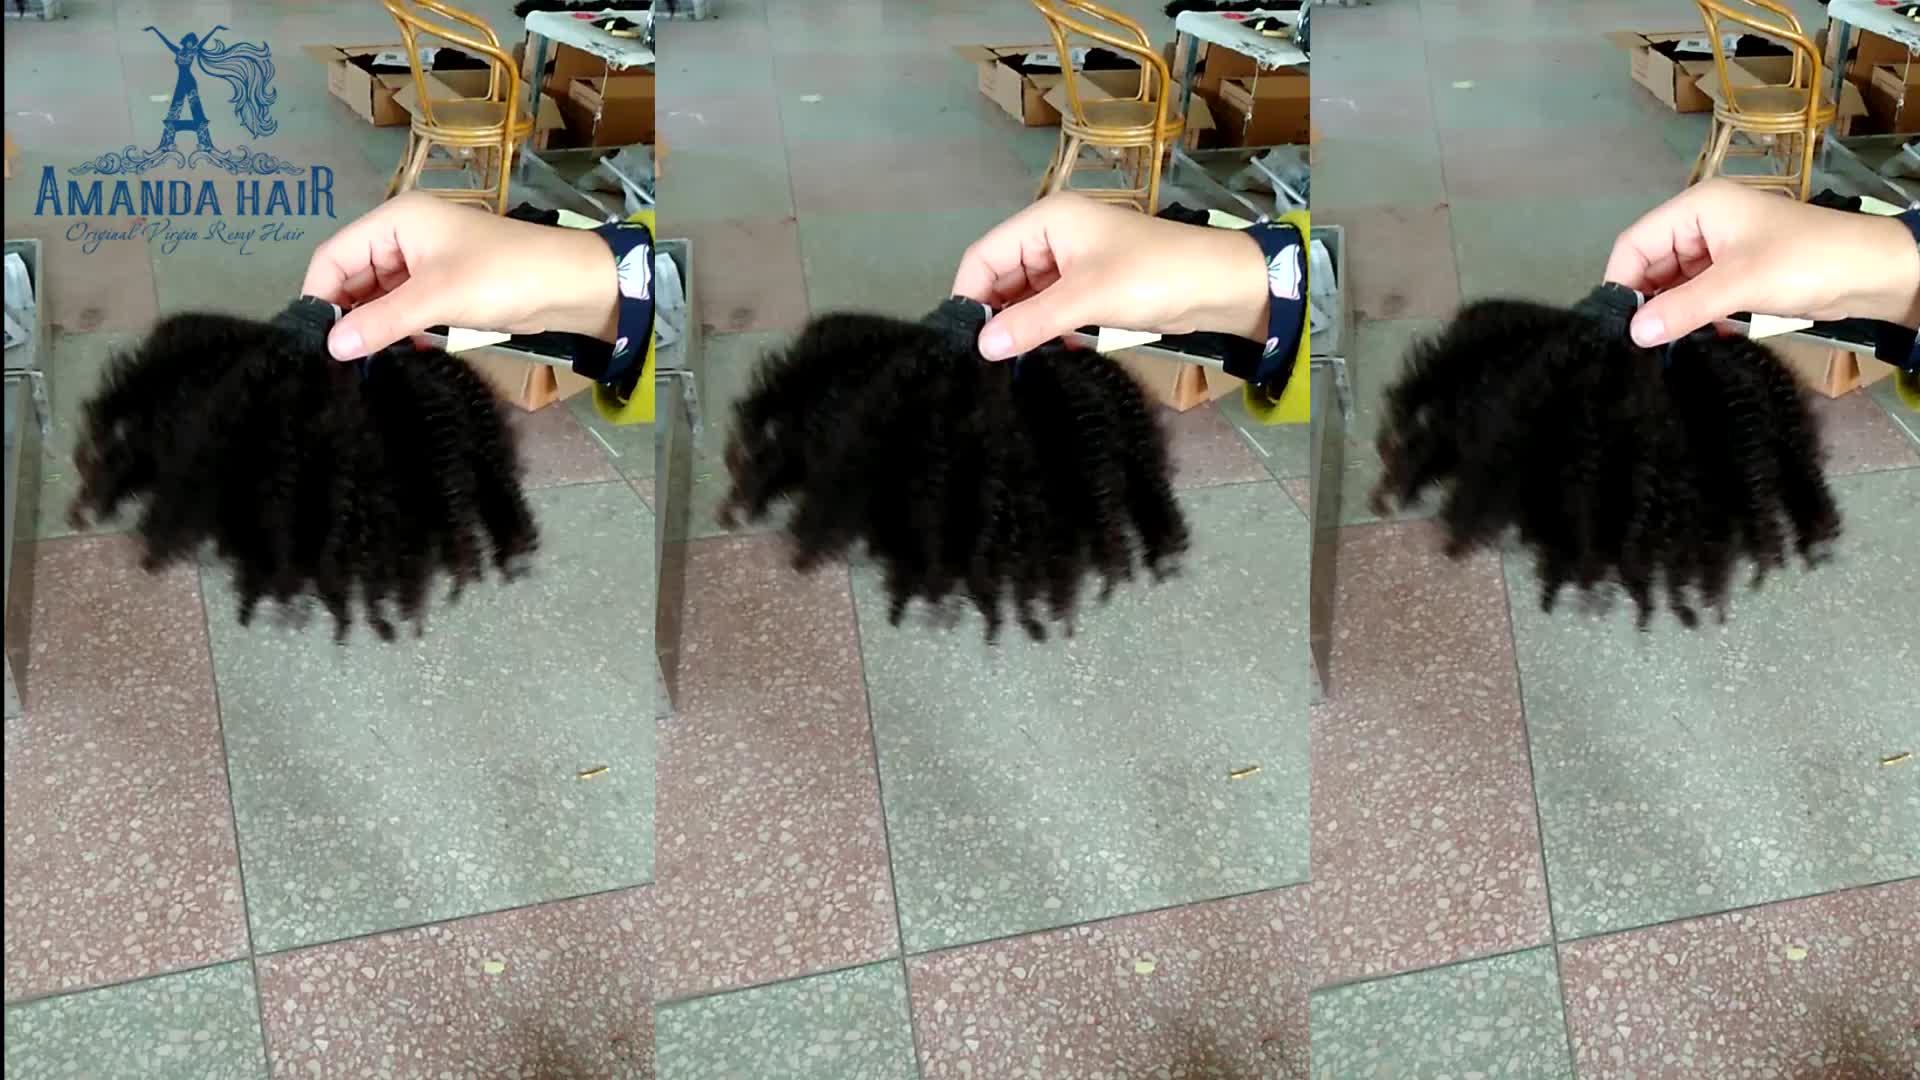 बाल विस्तार आपूर्तिकर्ताओं चीन रेमी मलेशियाई एफ्रो गांठदार कर्ल सीना में बंद होने के साथ मानव बाल बुनाई एफ्रो गांठदार थोक खरीदें